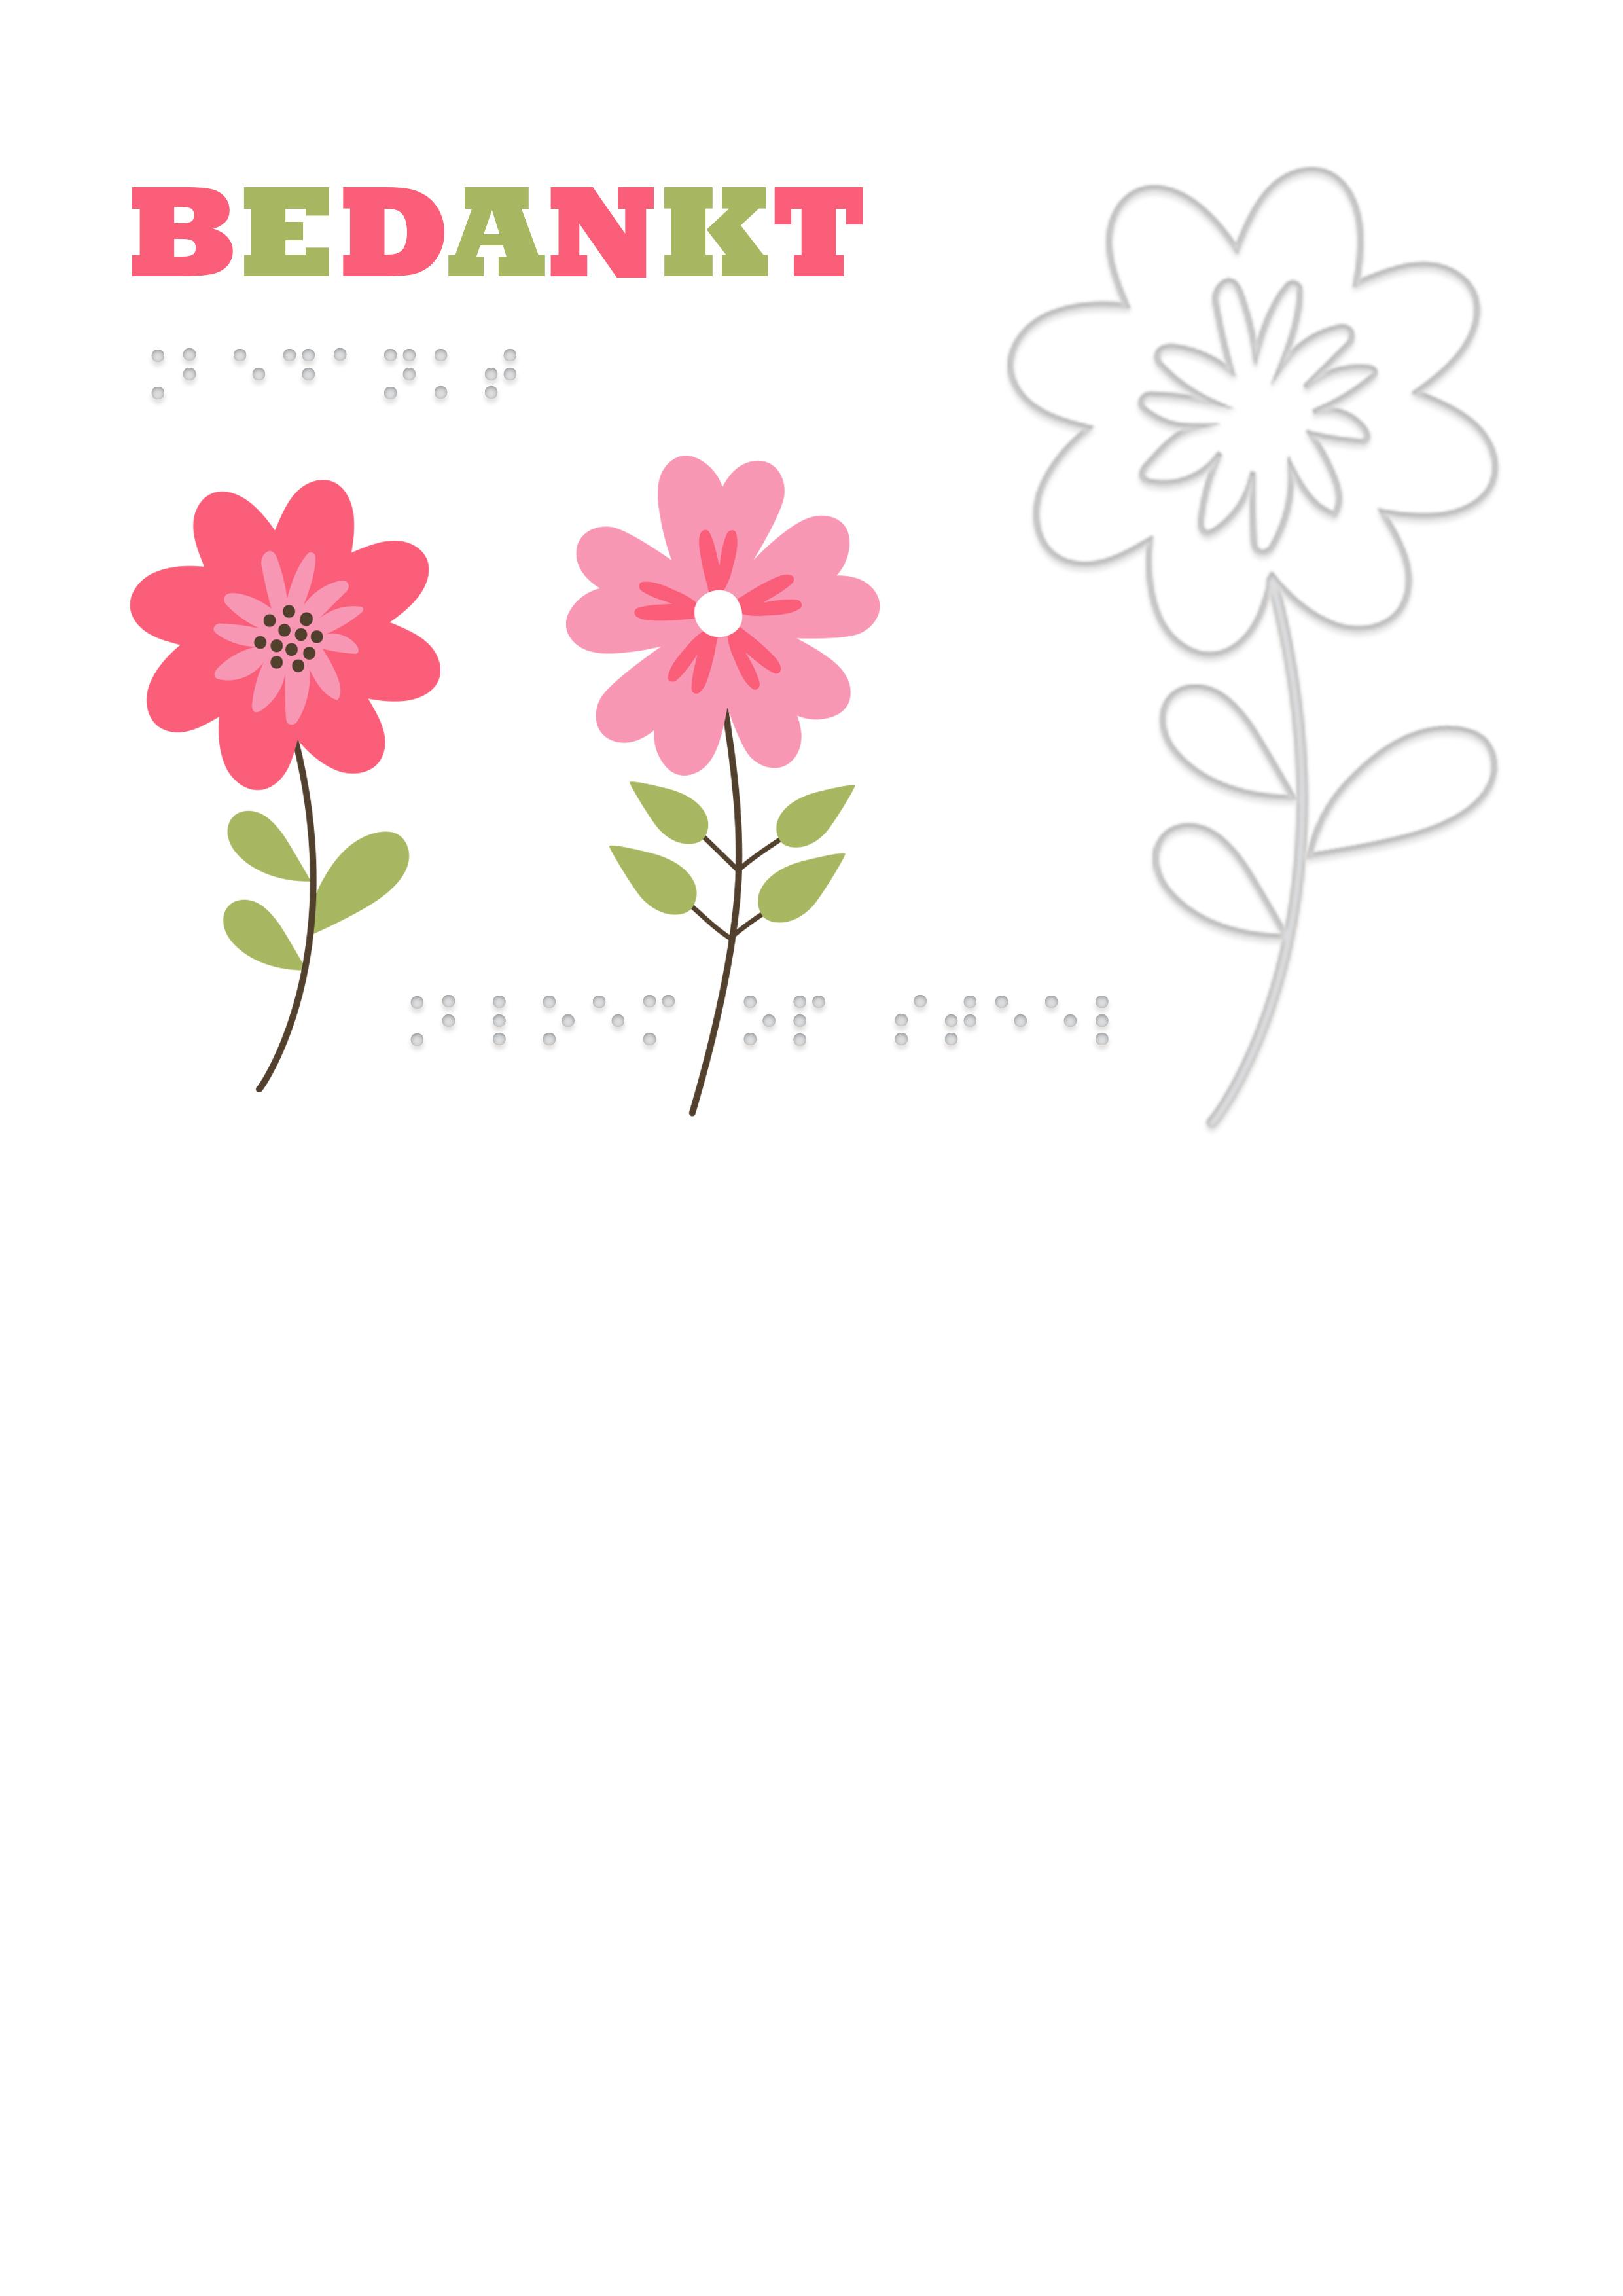 Voelbare wenskaart met braille en reliëf. In braille de tekst: bedankt. Met voelbare afbeelding van een bloem.